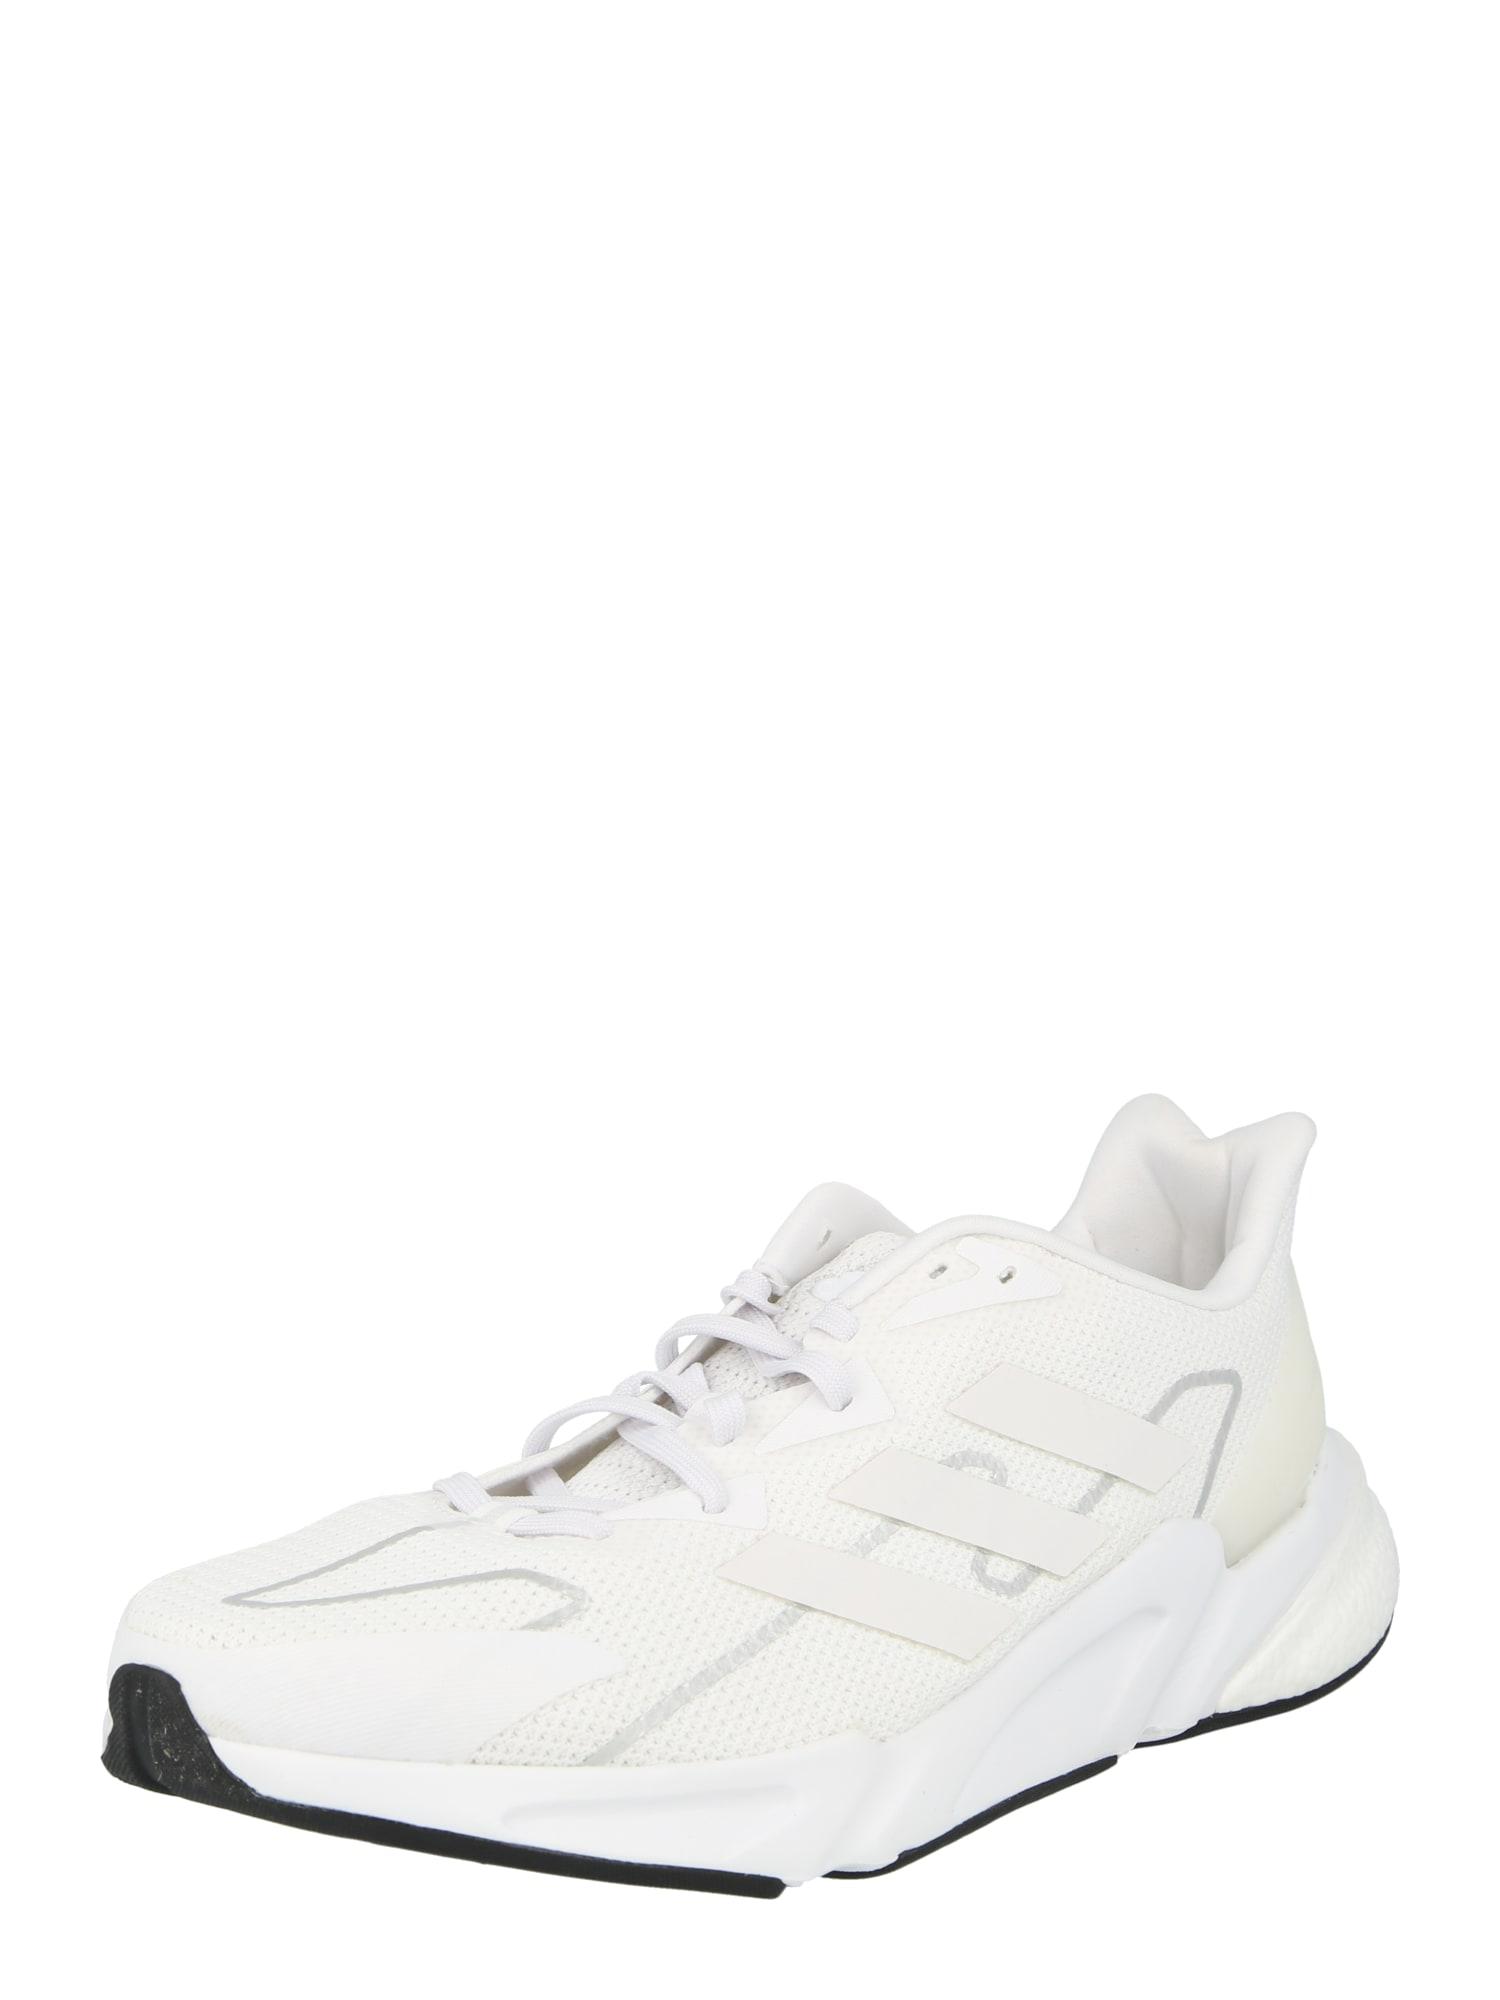 ADIDAS PERFORMANCE Bėgimo batai balta / sidabrinė